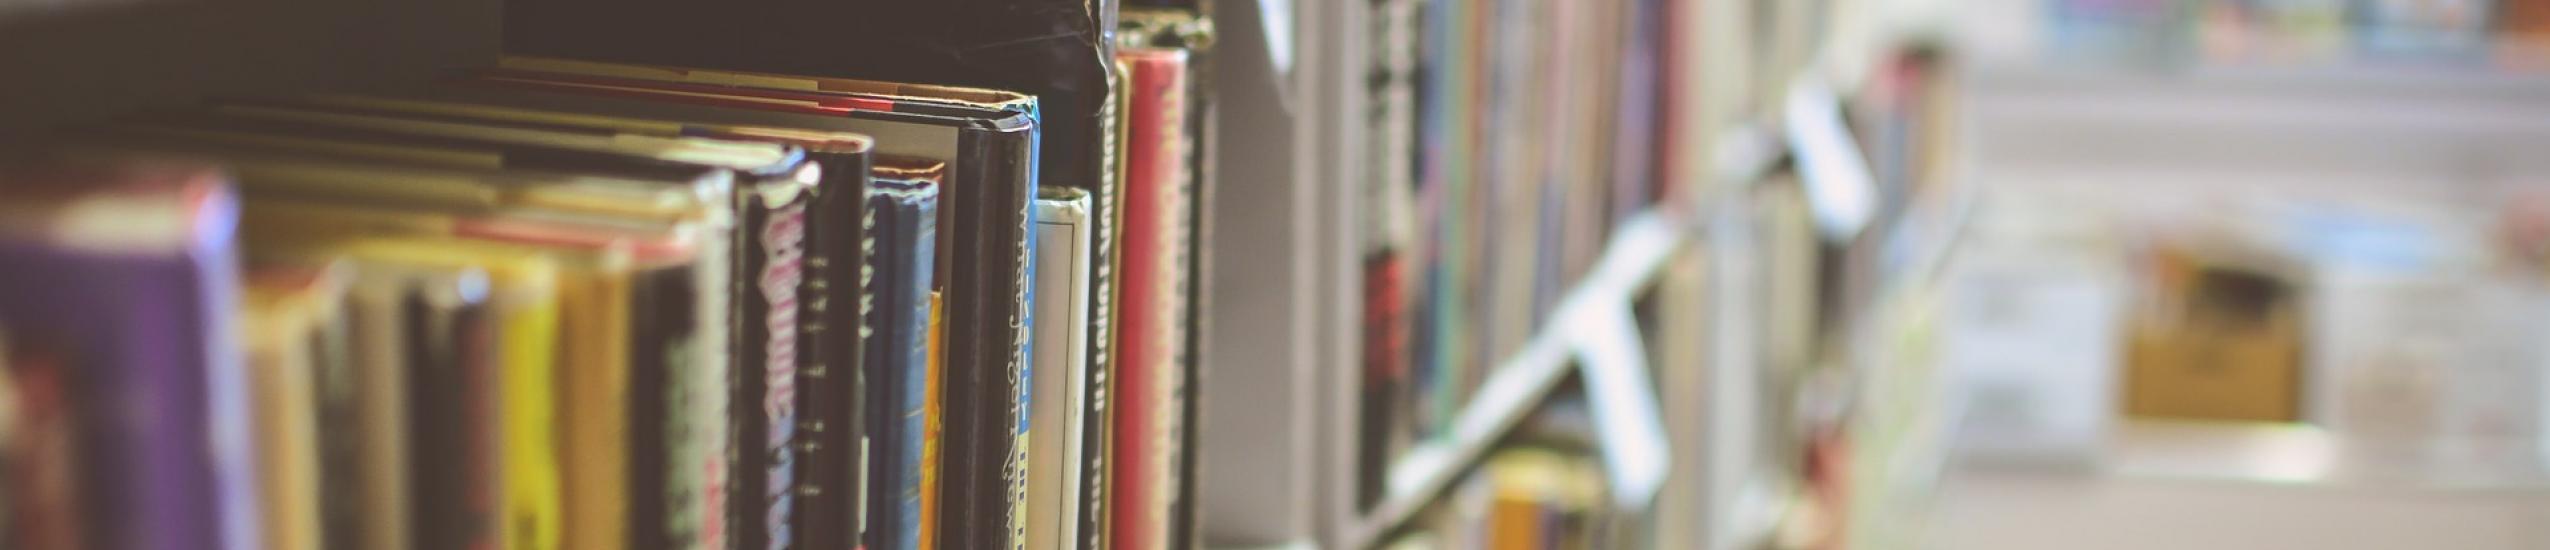 immagine lettura